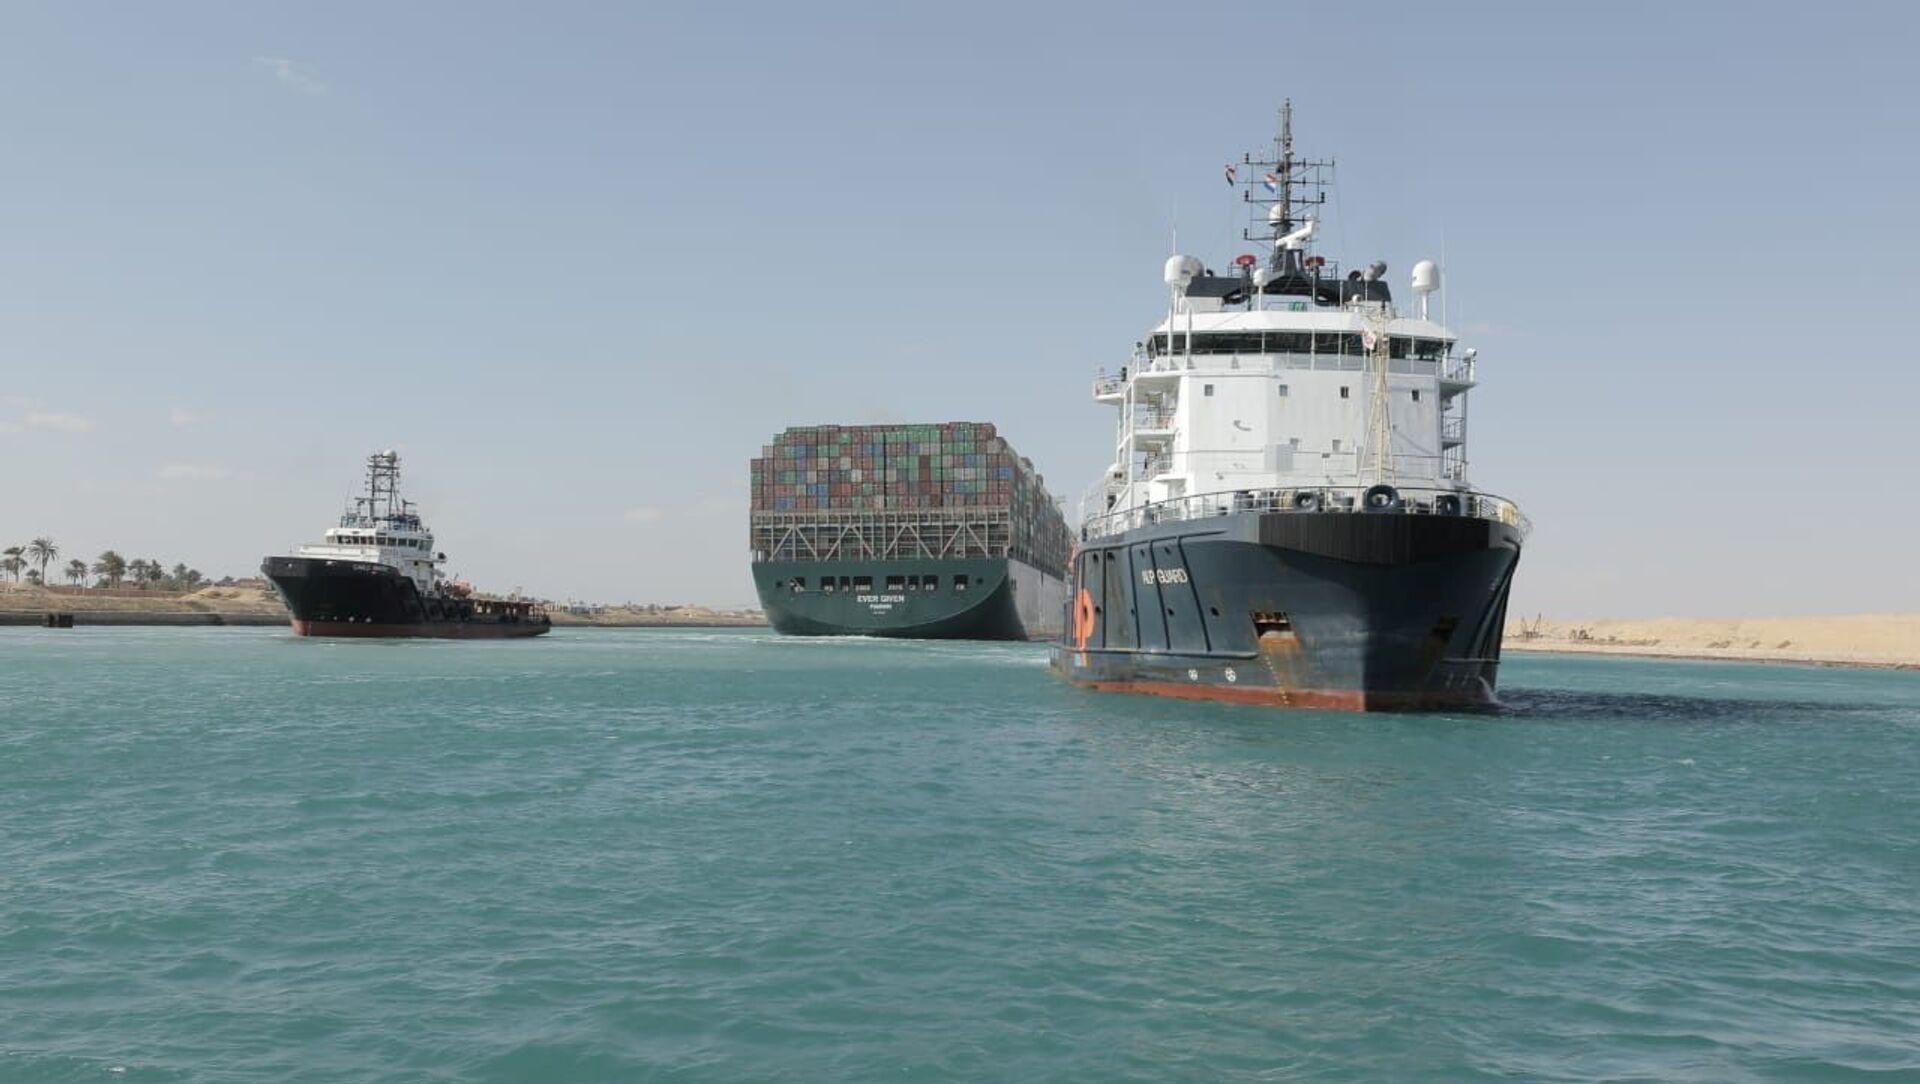 La nave Ever Given lascia il canale di Suez - Sputnik Italia, 1920, 13.04.2021